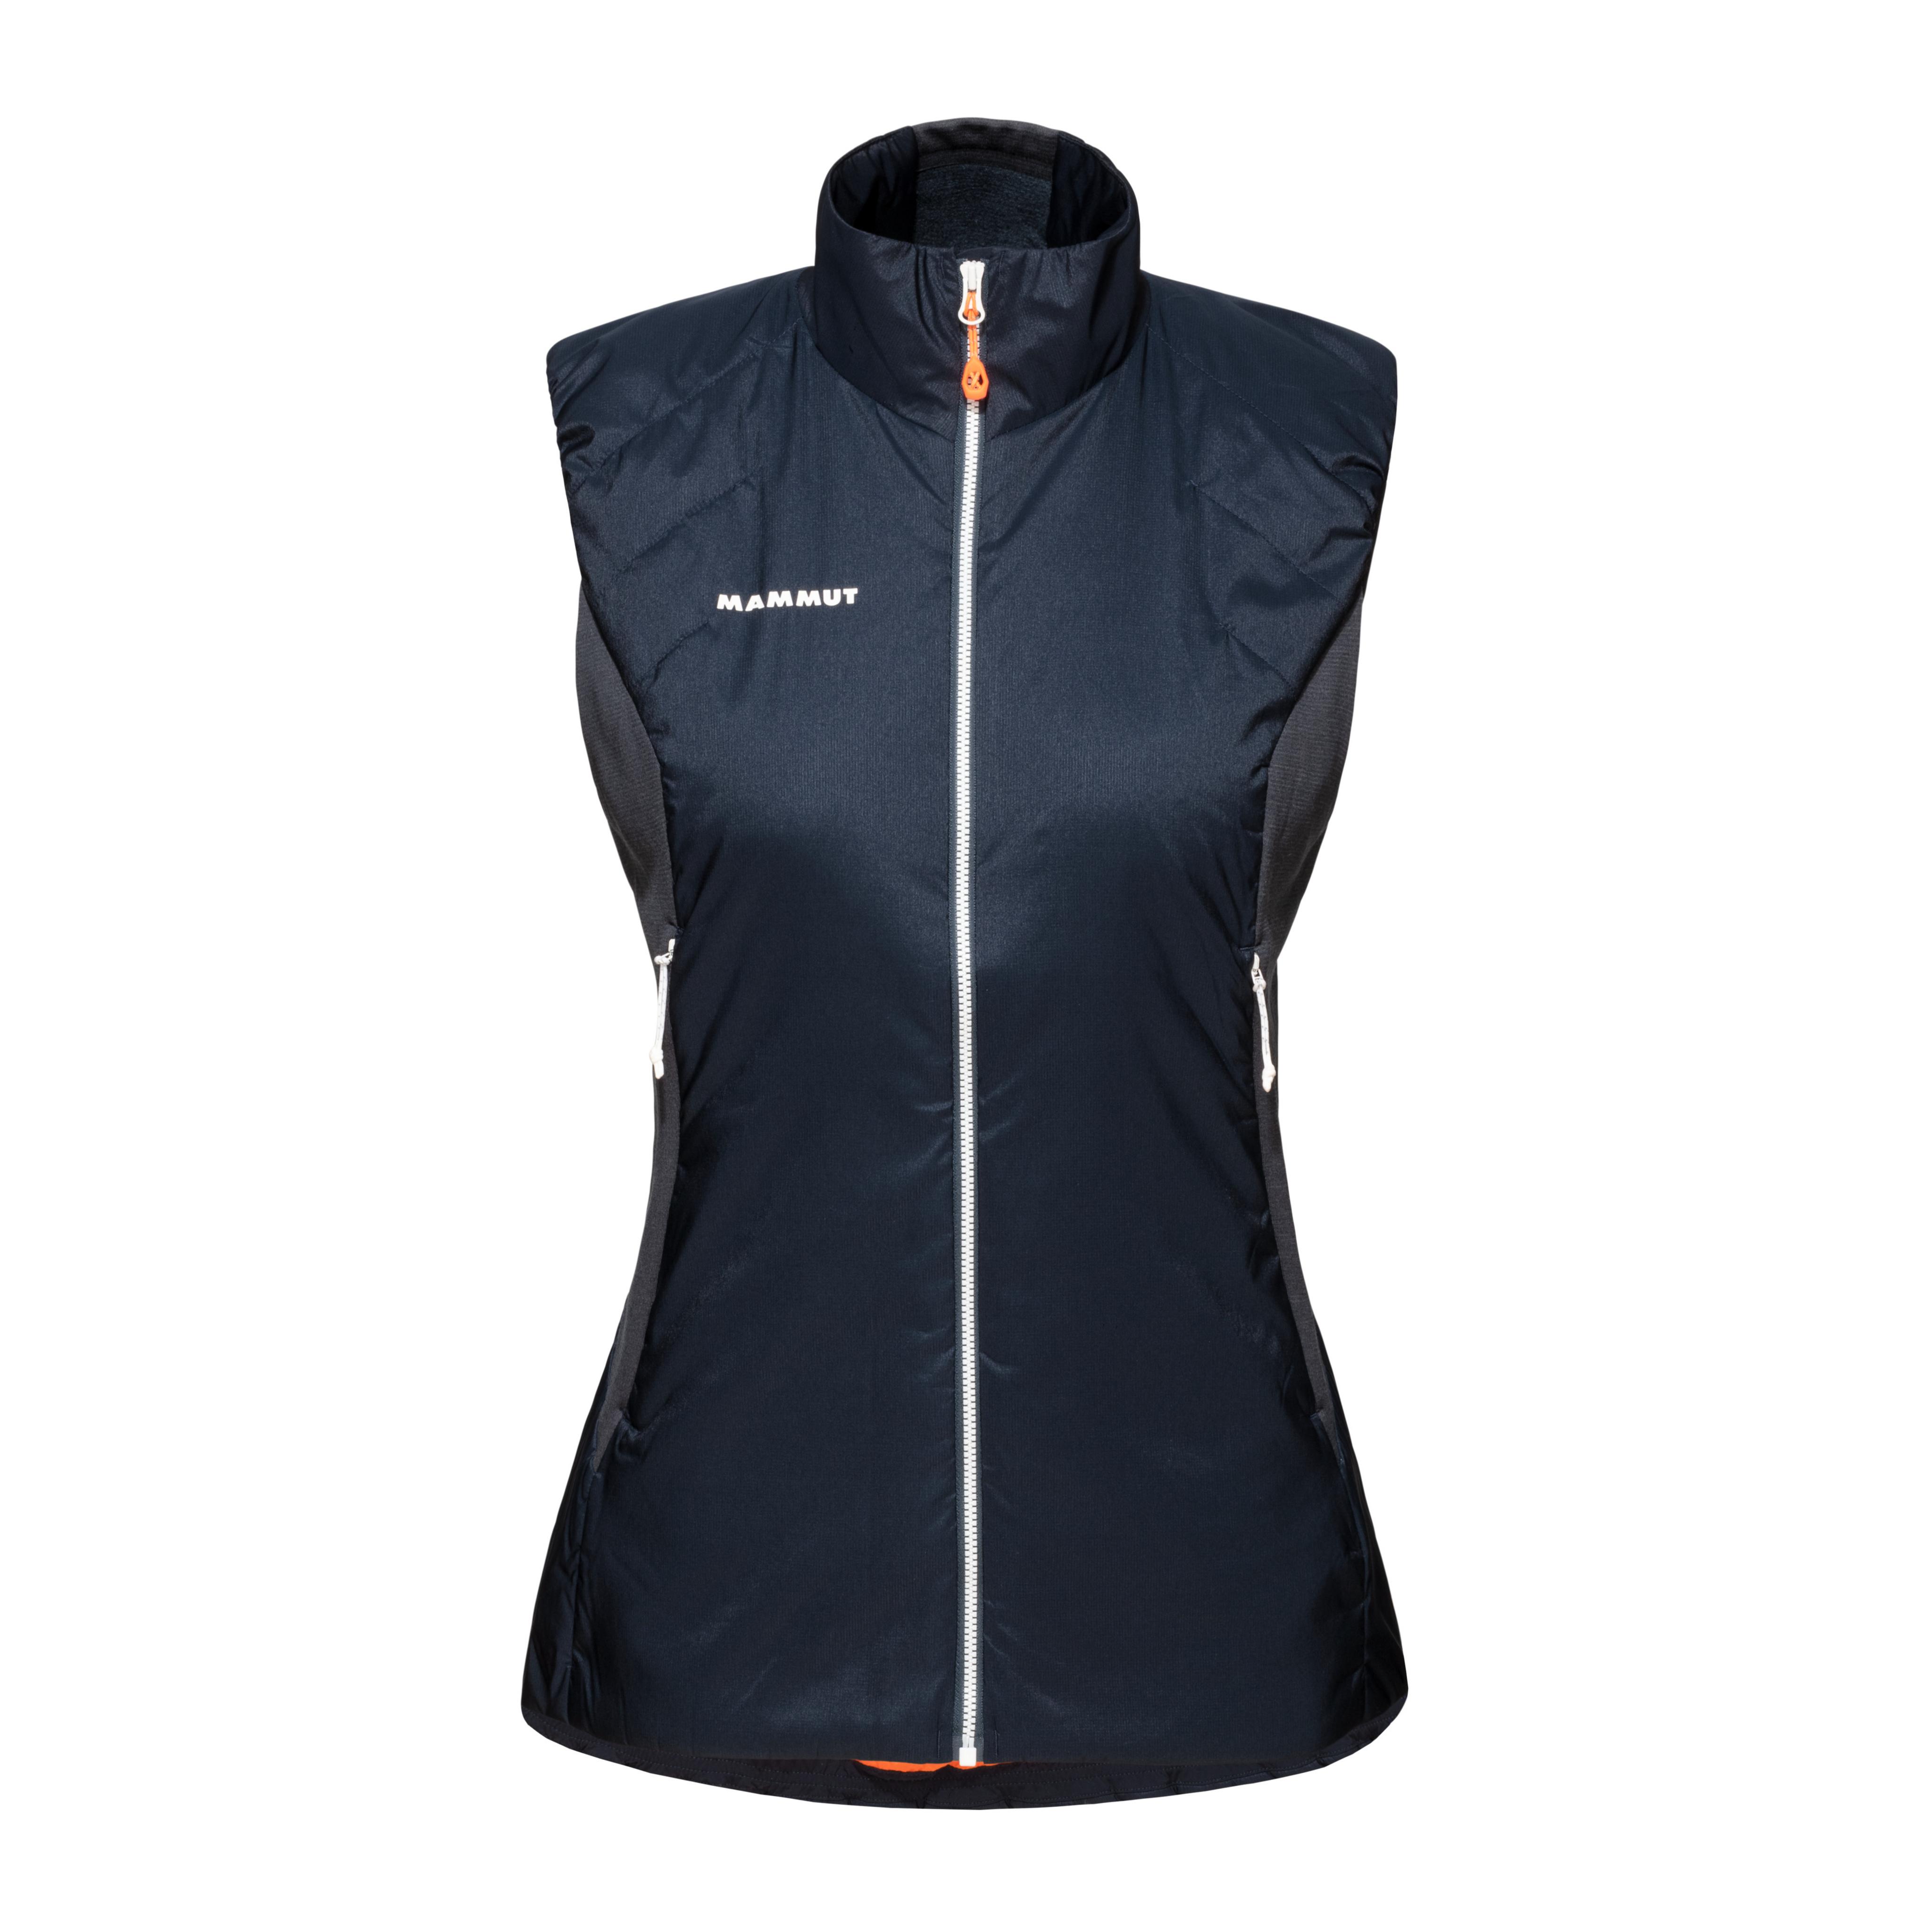 Eigerjoch IN Hybrid Vest Women - night, XS thumbnail